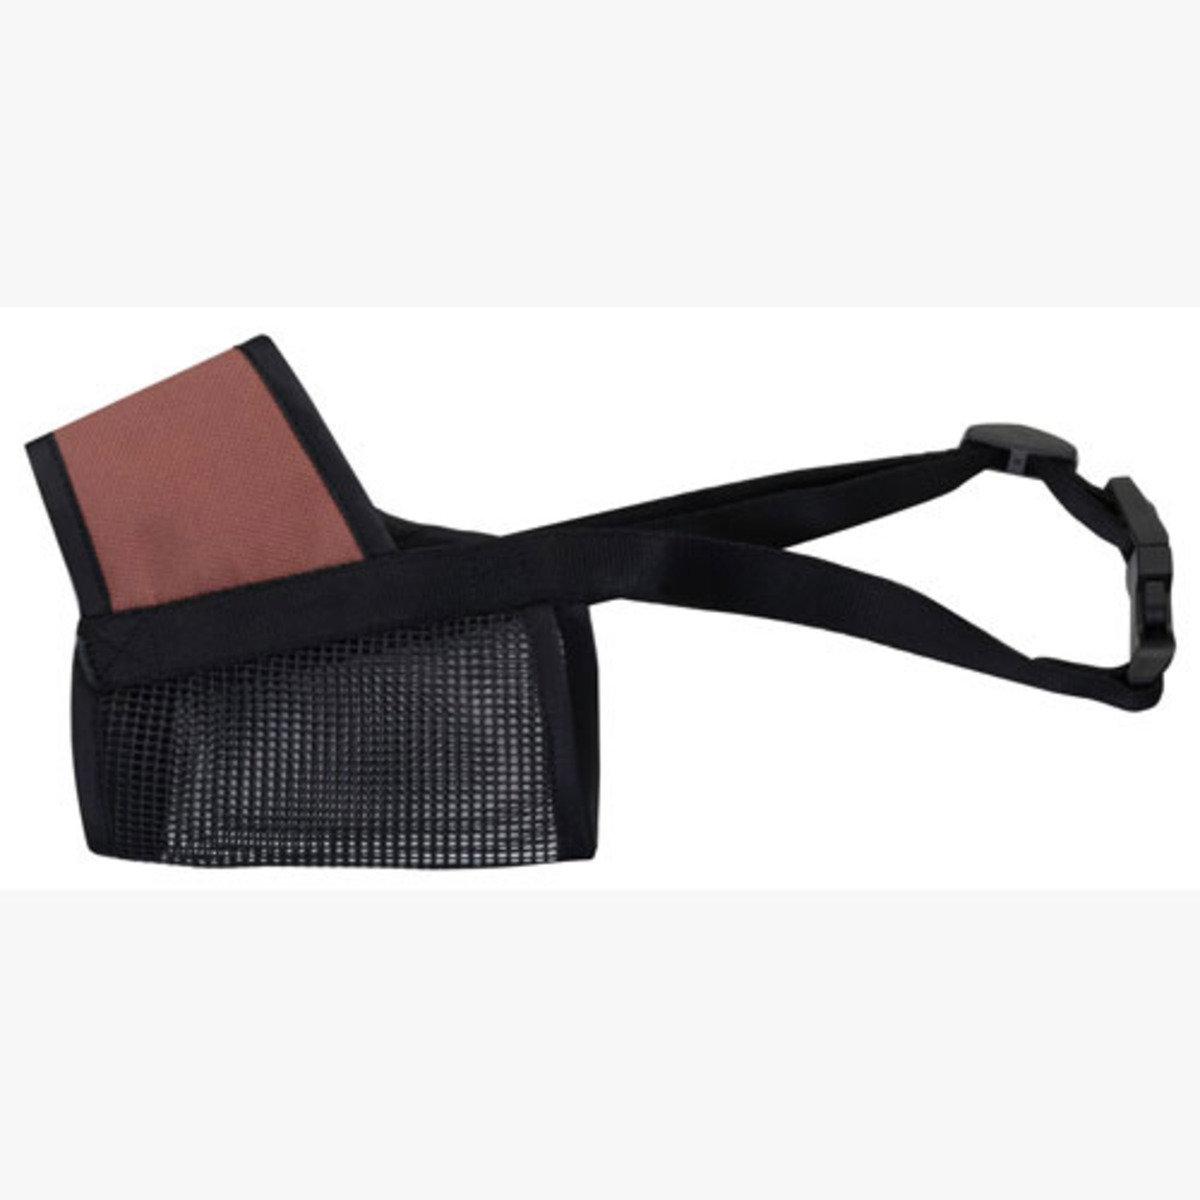 柔軟透氣口罩 #4(W53103)